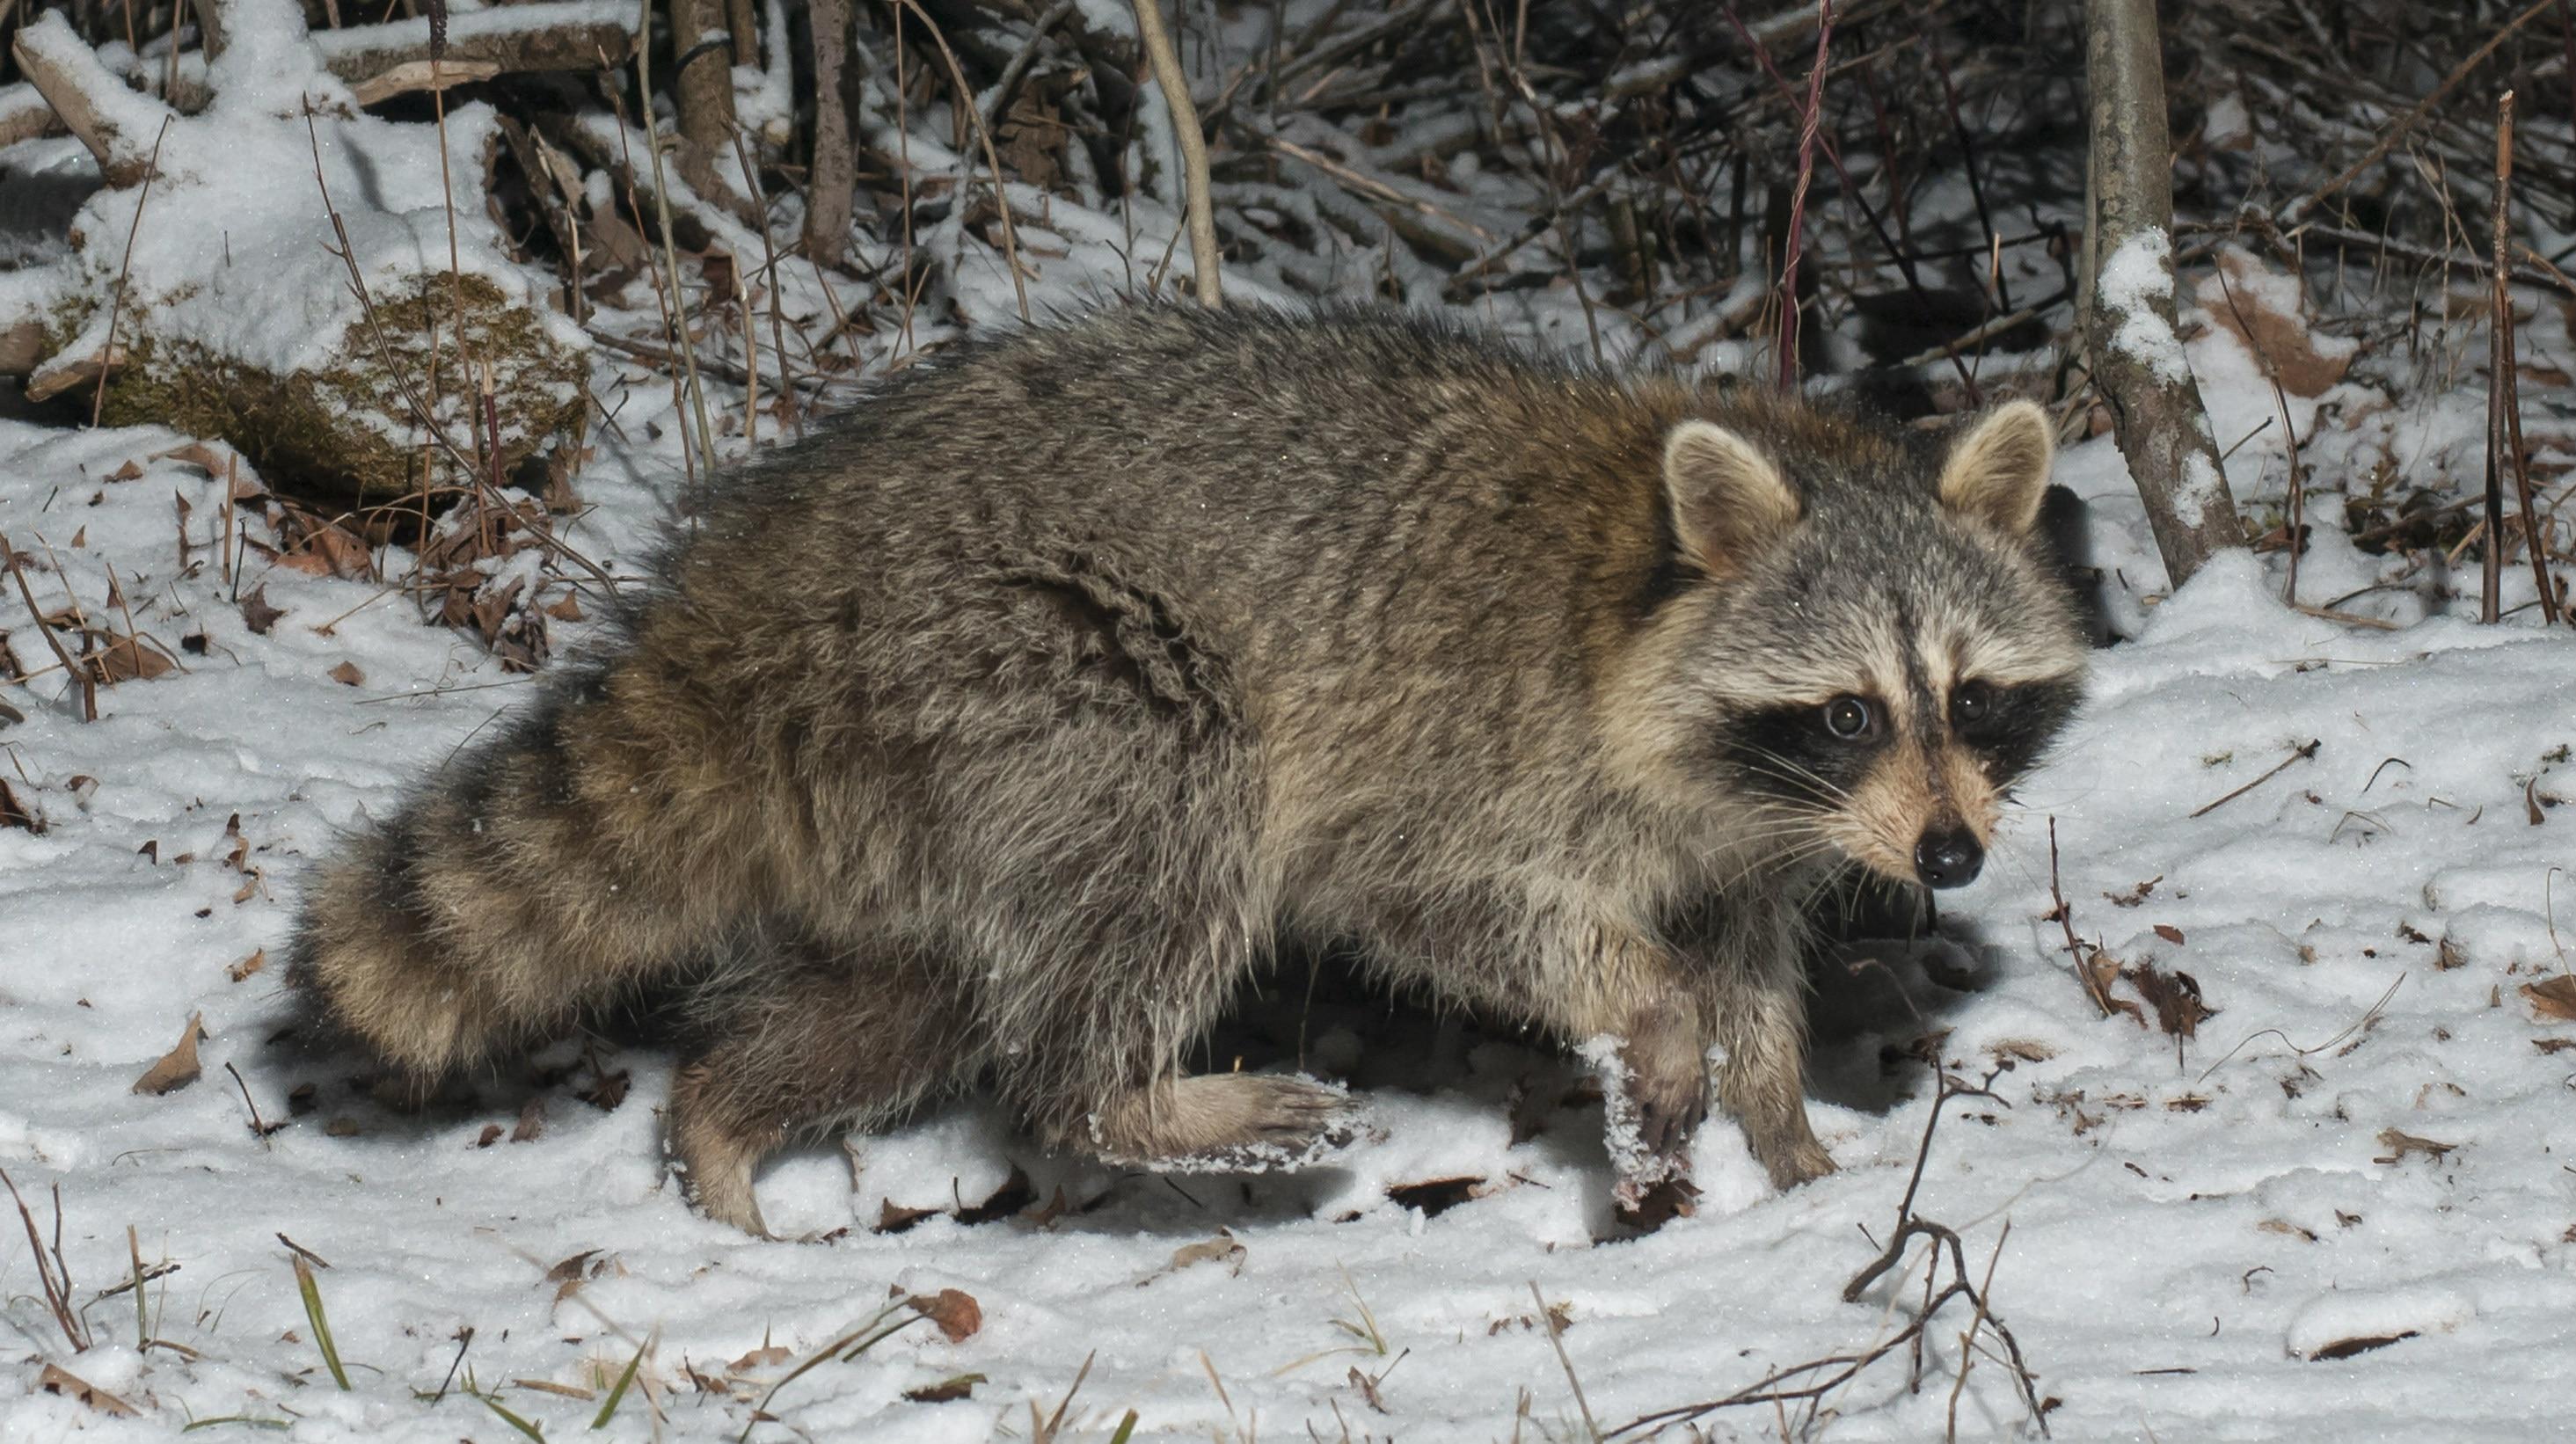 Raccoon in winter snow